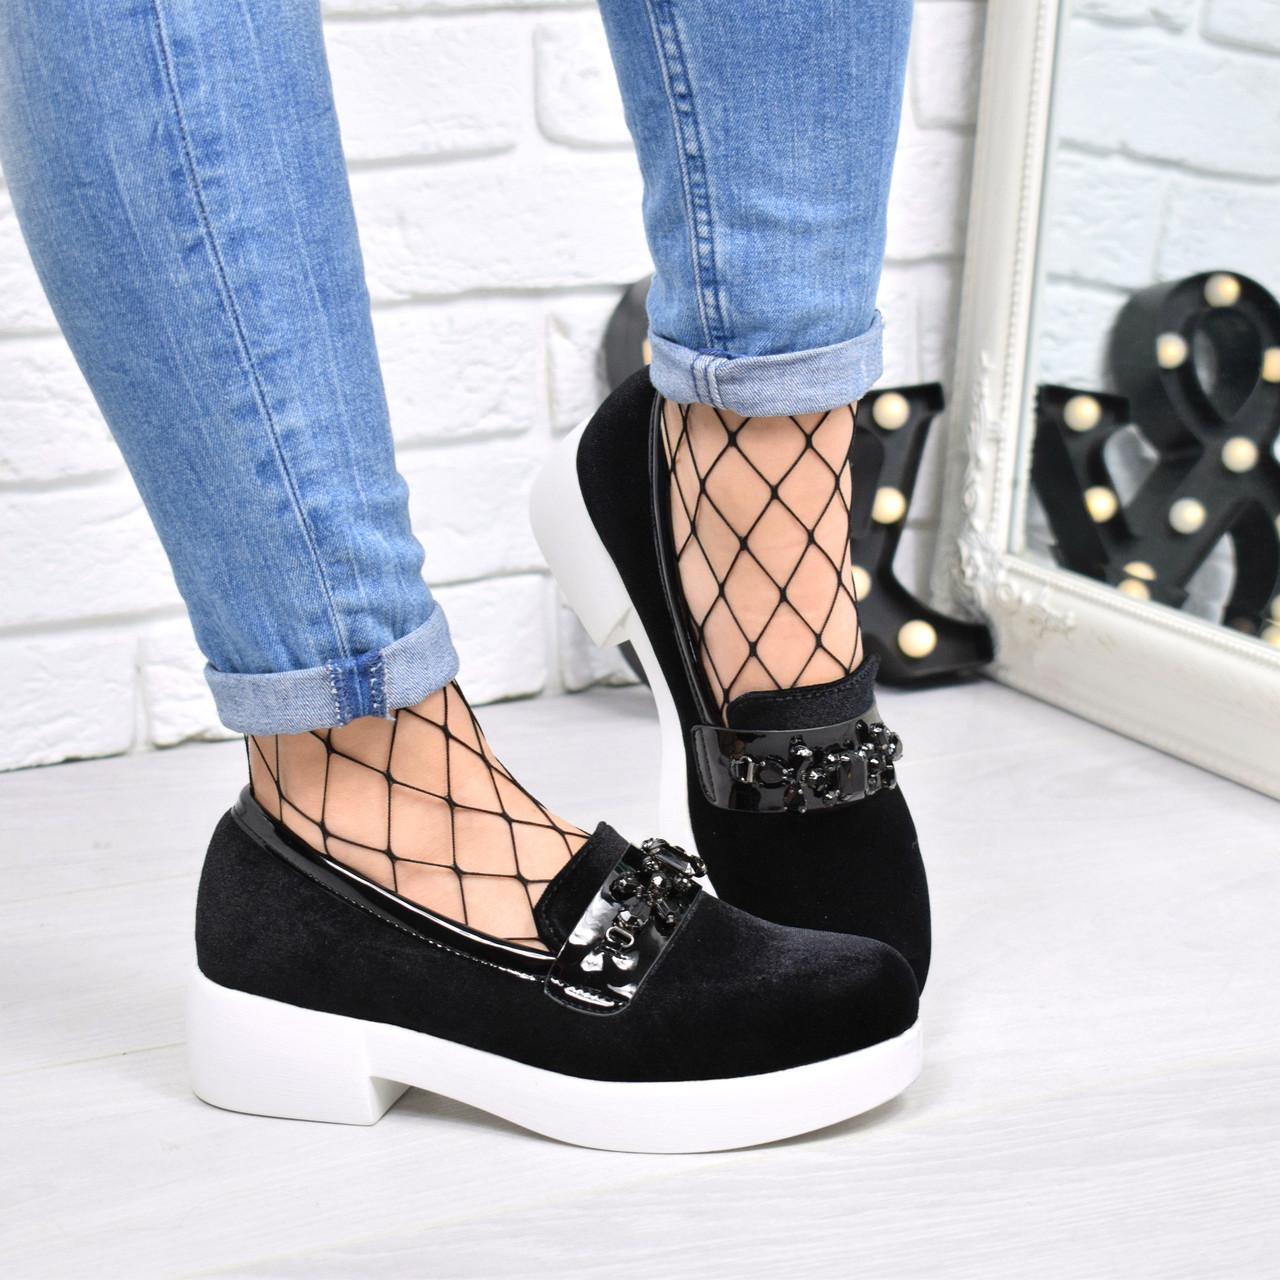 Модная женская обувь весна-лето 2019 года в 2019 году